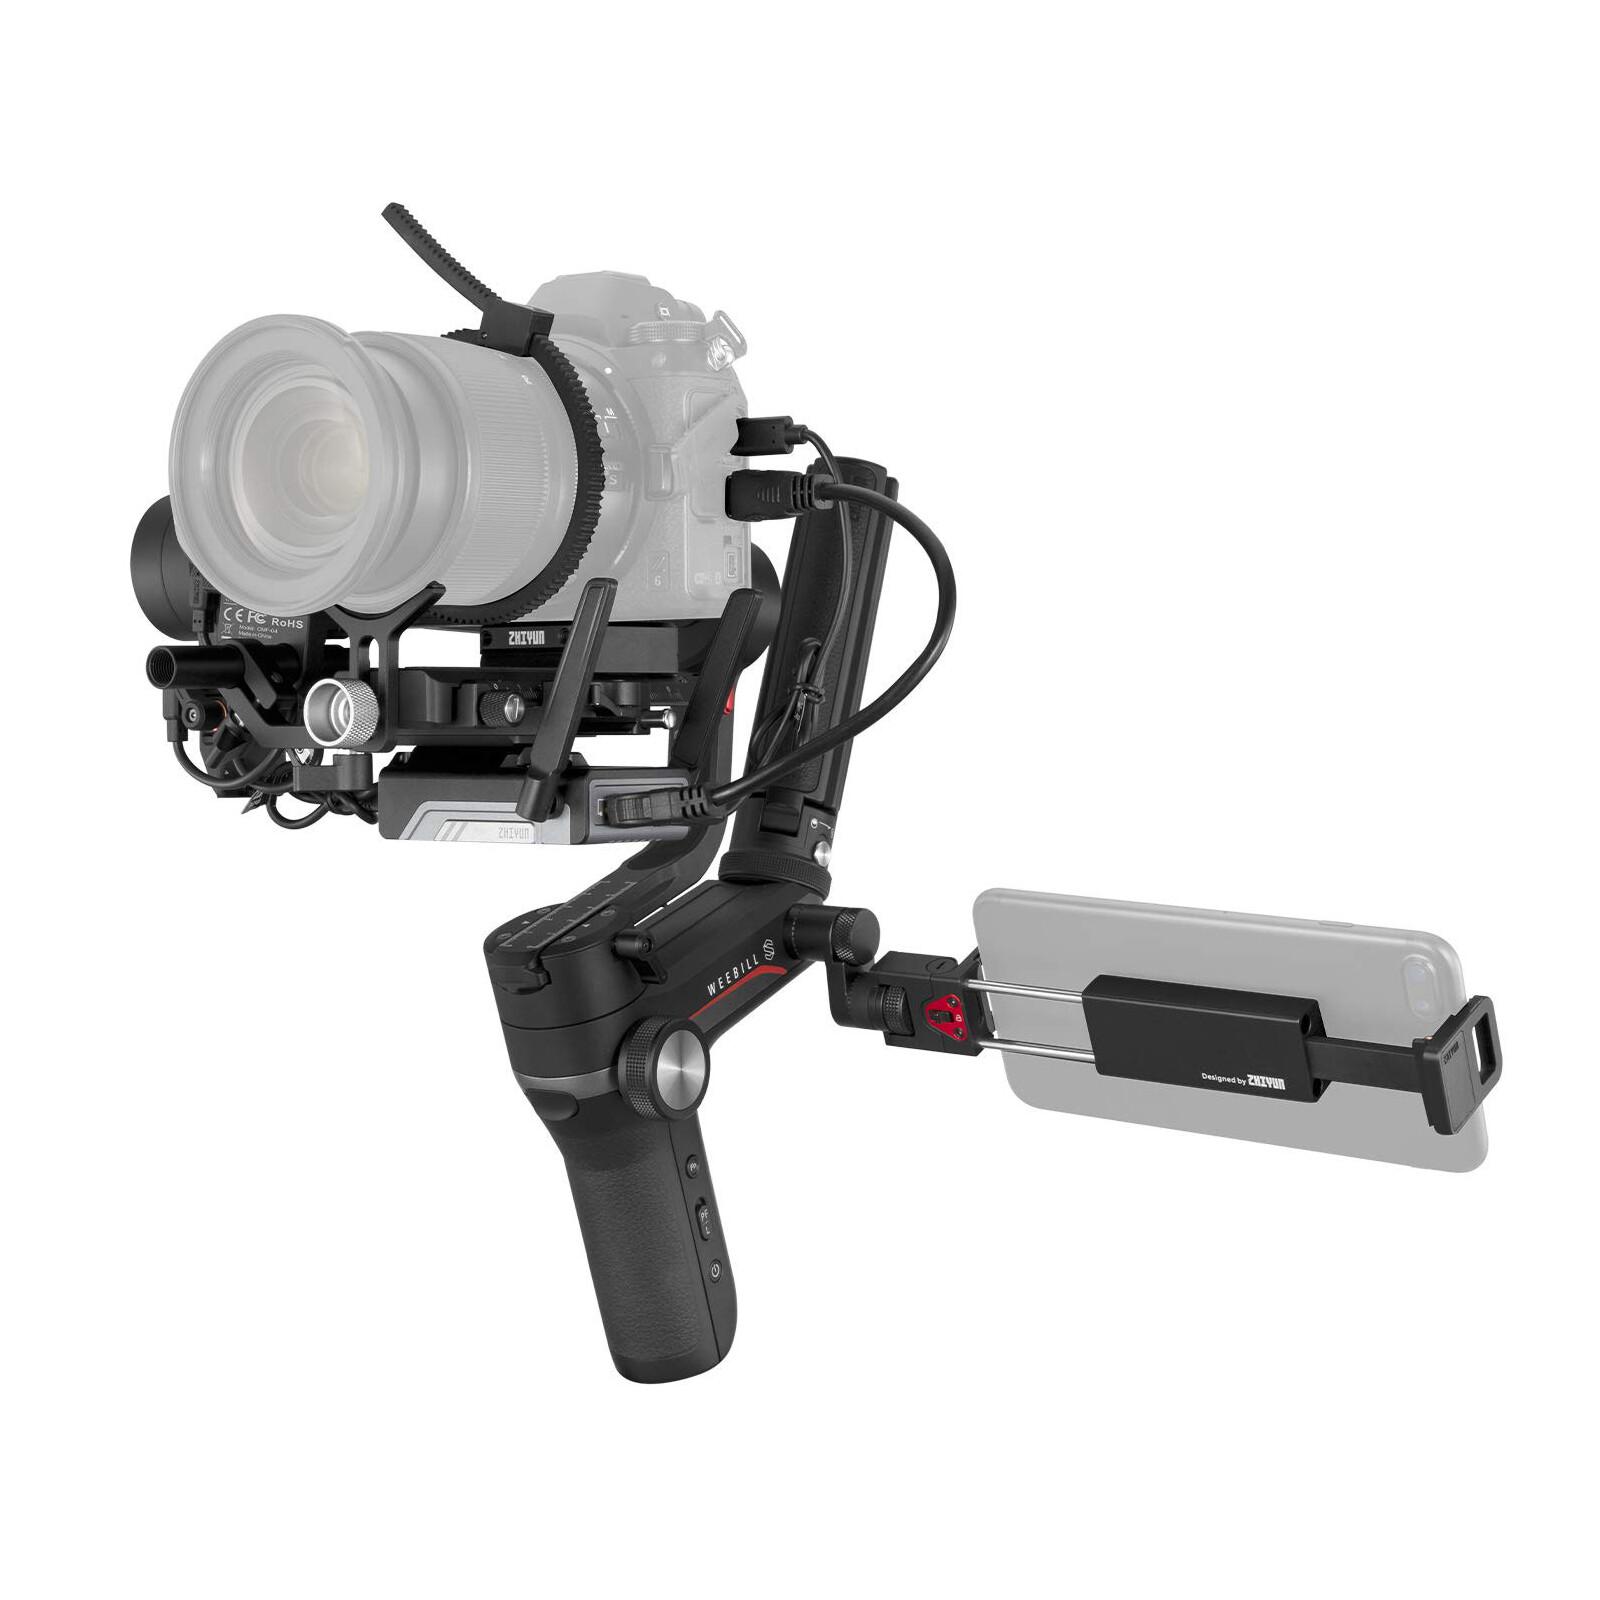 Zhiyun Weebill S Gimbal Image Transmission Kit